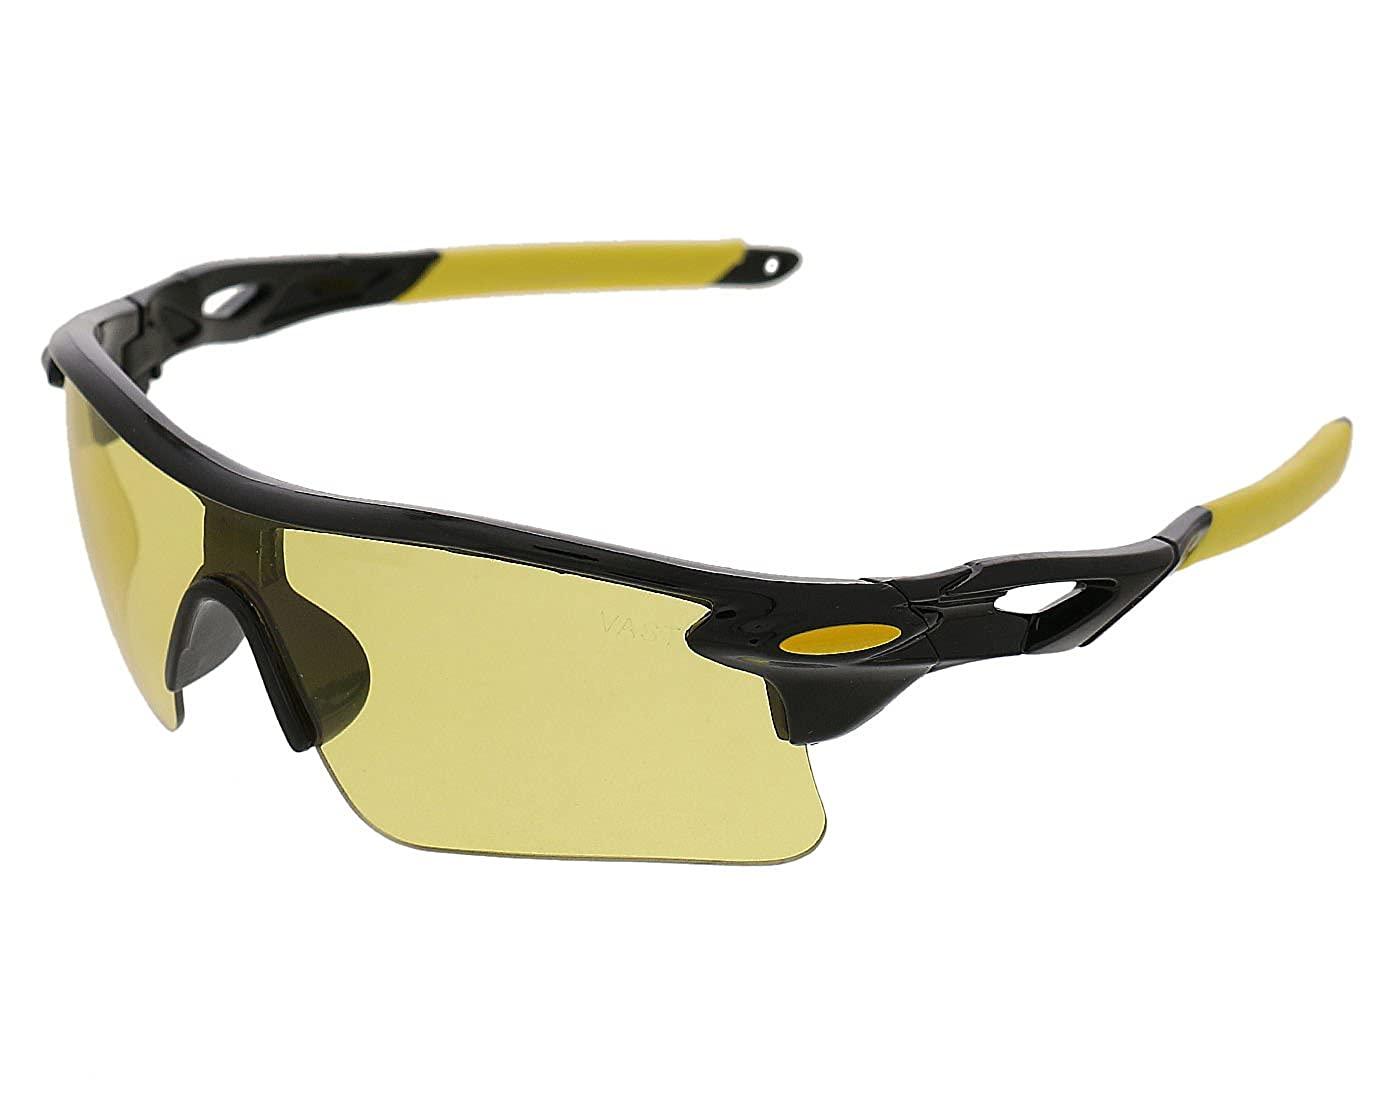 Vast Night Vision Sunglasses